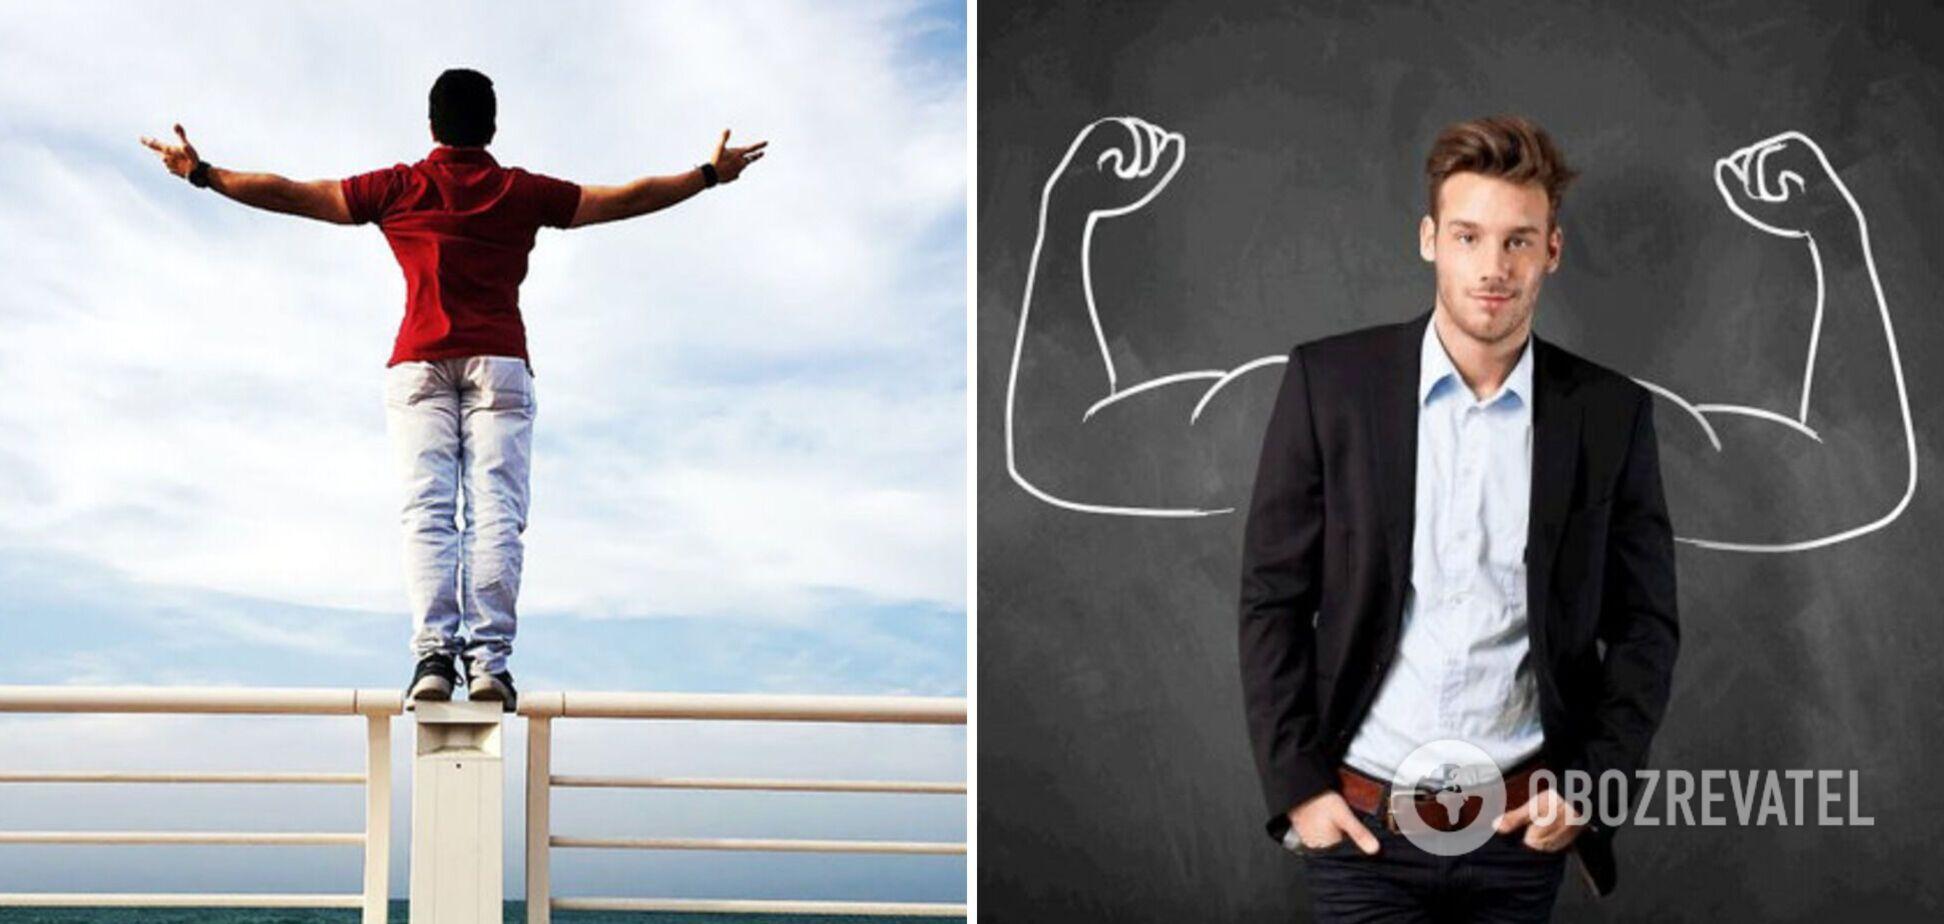 П'ять найсміливіших знаків зодіаку: готові ризикнути і спробувати удачу